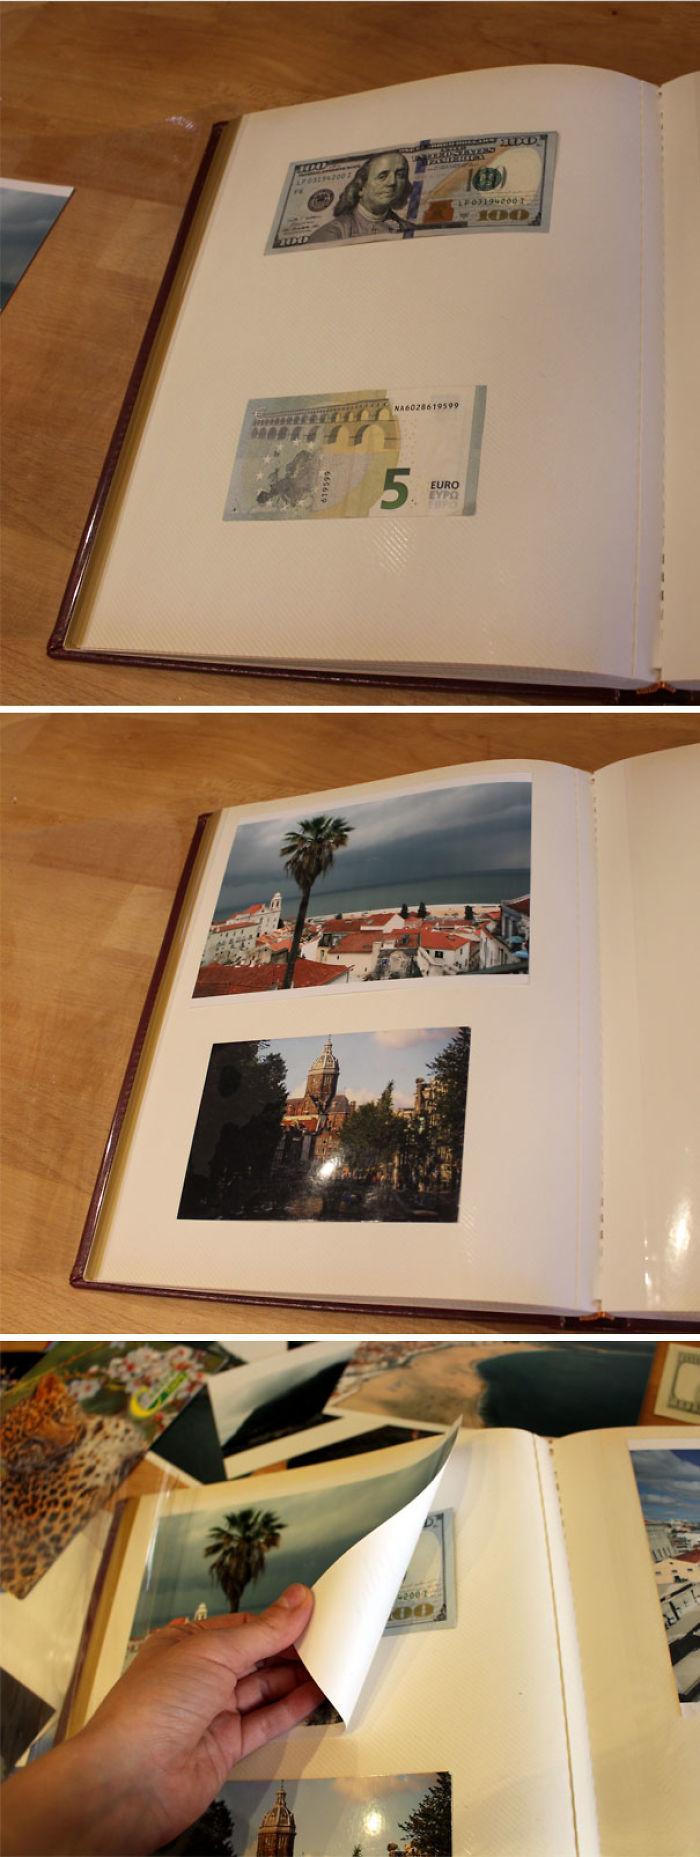 Cómo esconder cosas en los álbumes de fotos